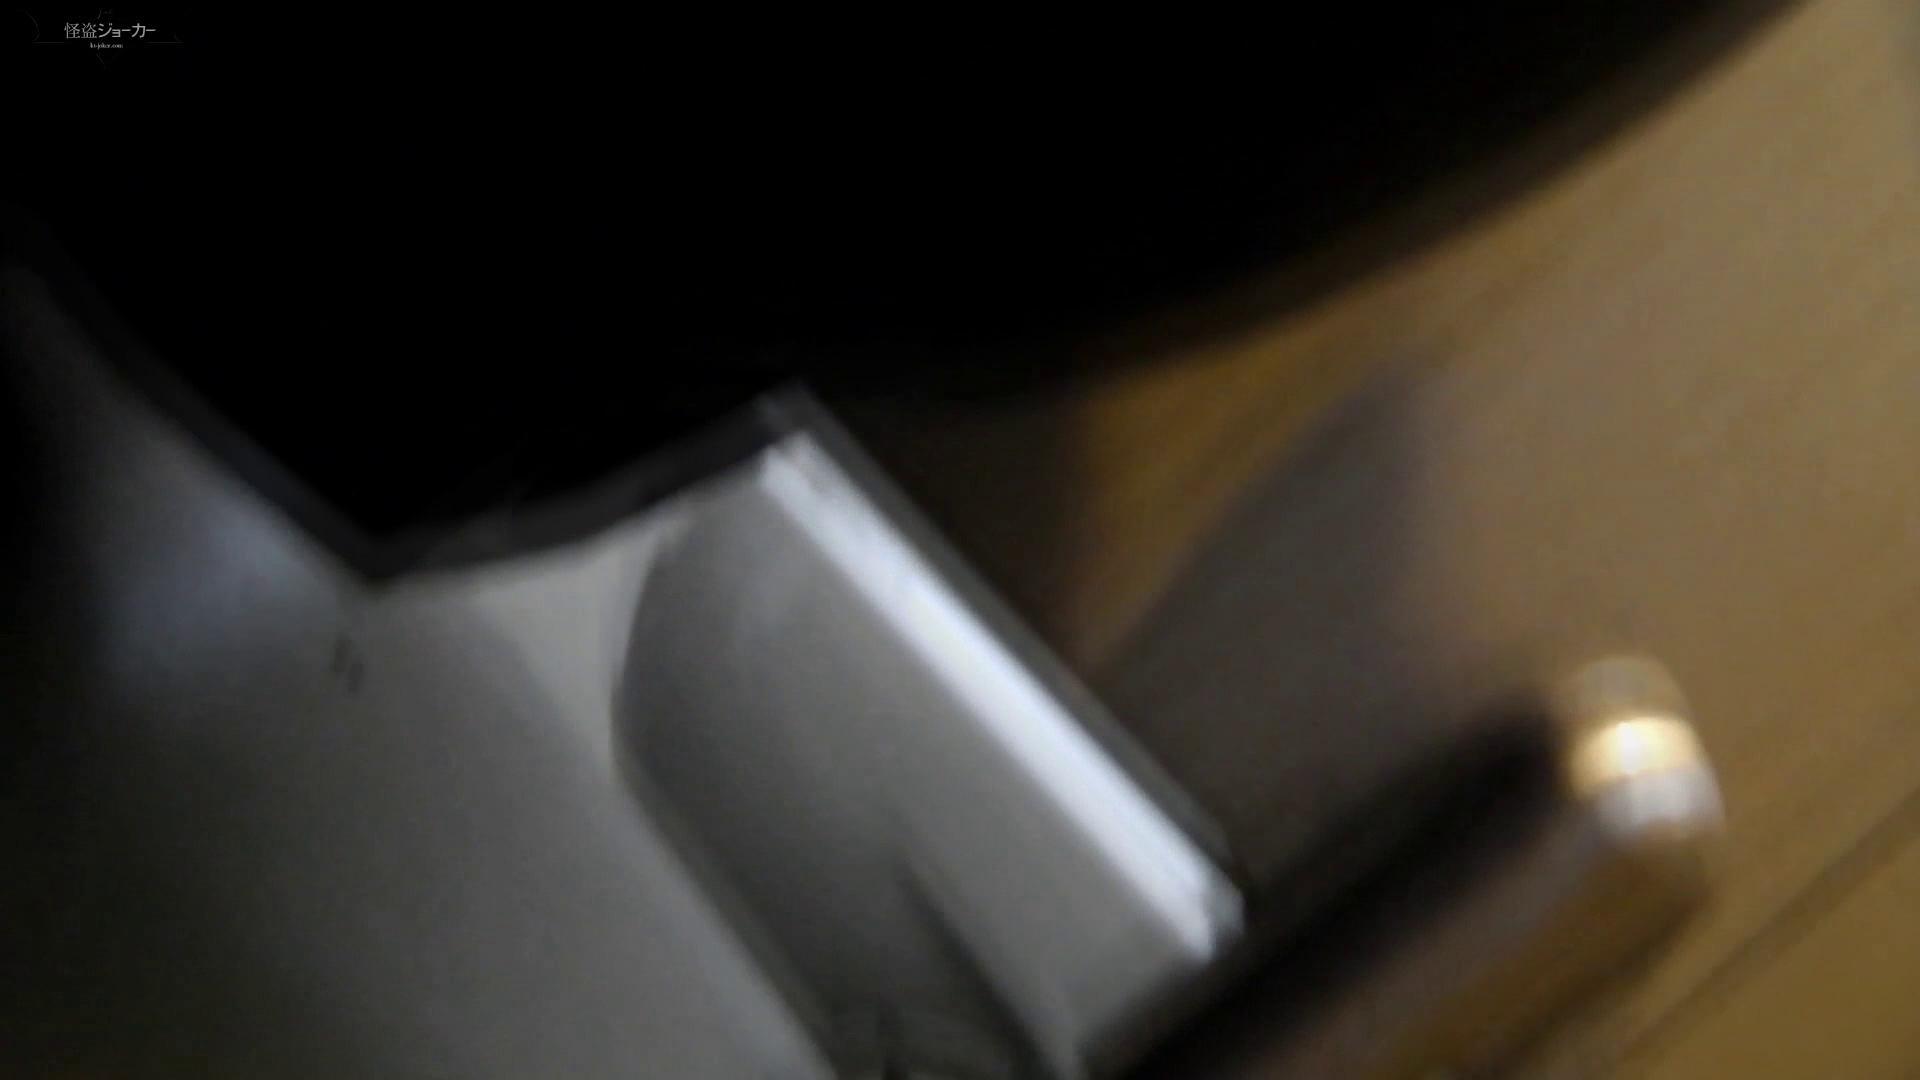 阿国ちゃんの和式洋式七変化 Vol.25 ん?突起物が・・・。 丸見え セックス無修正動画無料 30画像 10